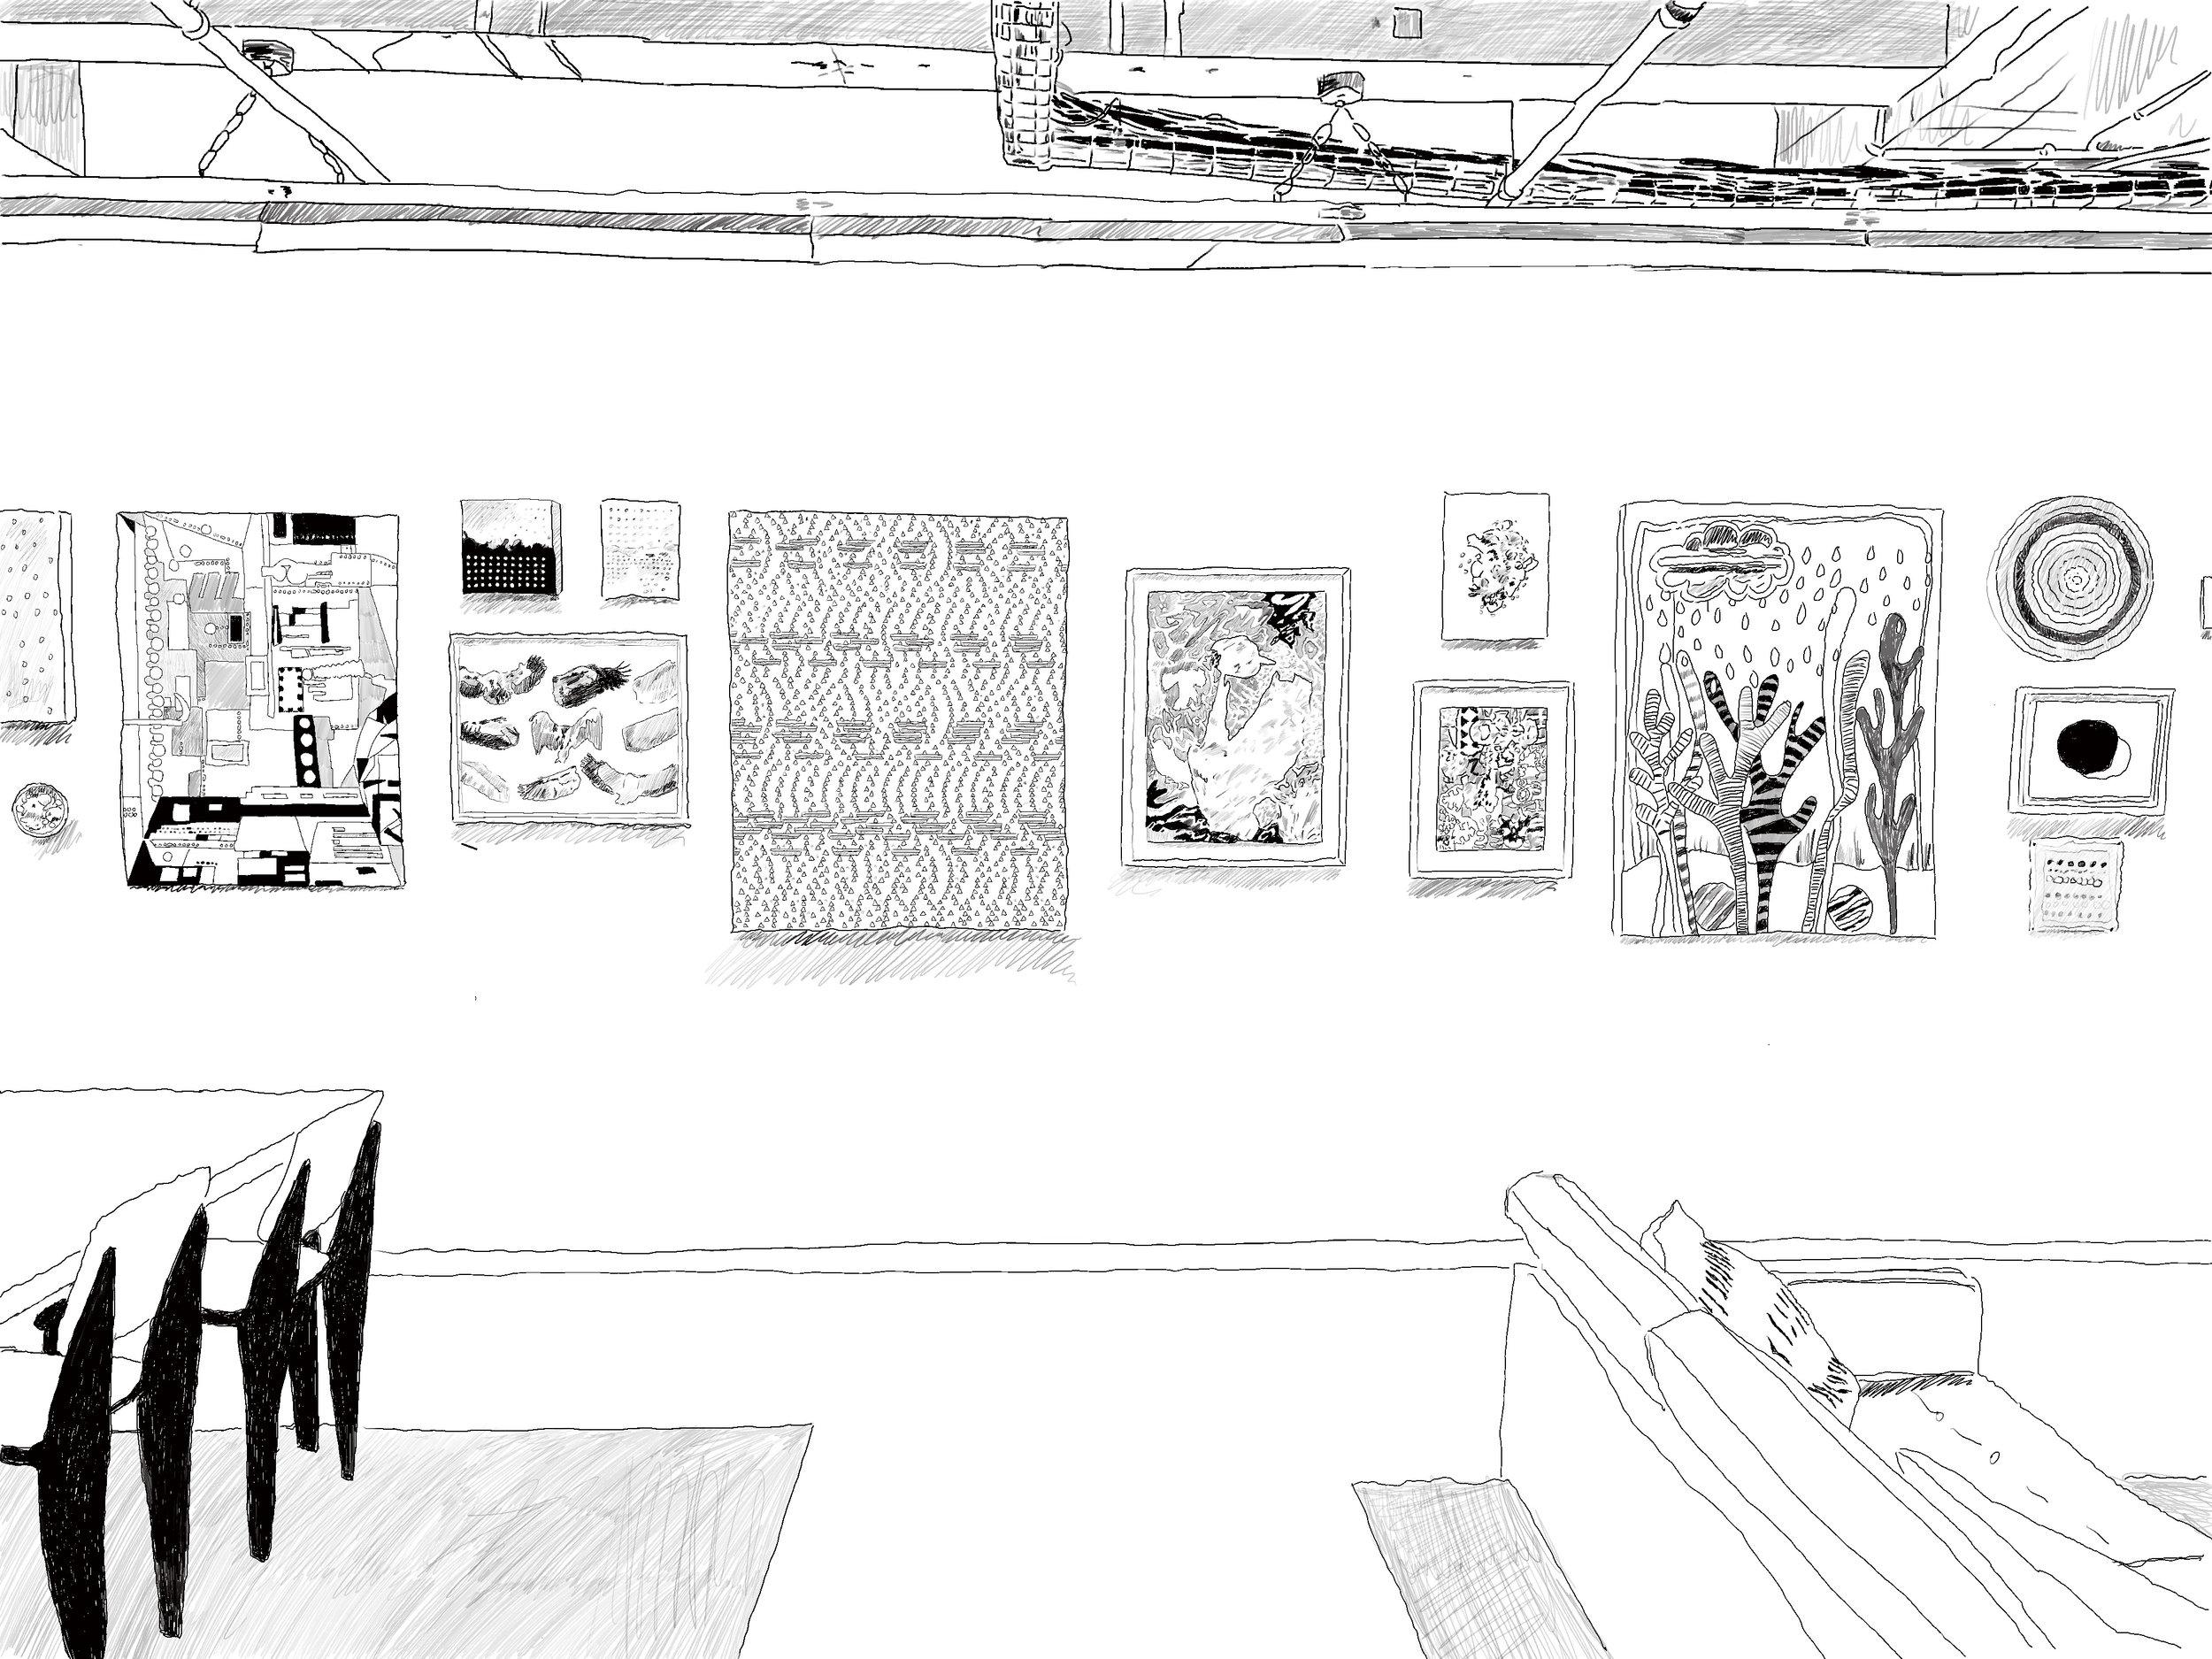 Kirstin Lamb, drawing of Dot Conference installed at the Yard, Williamsburg